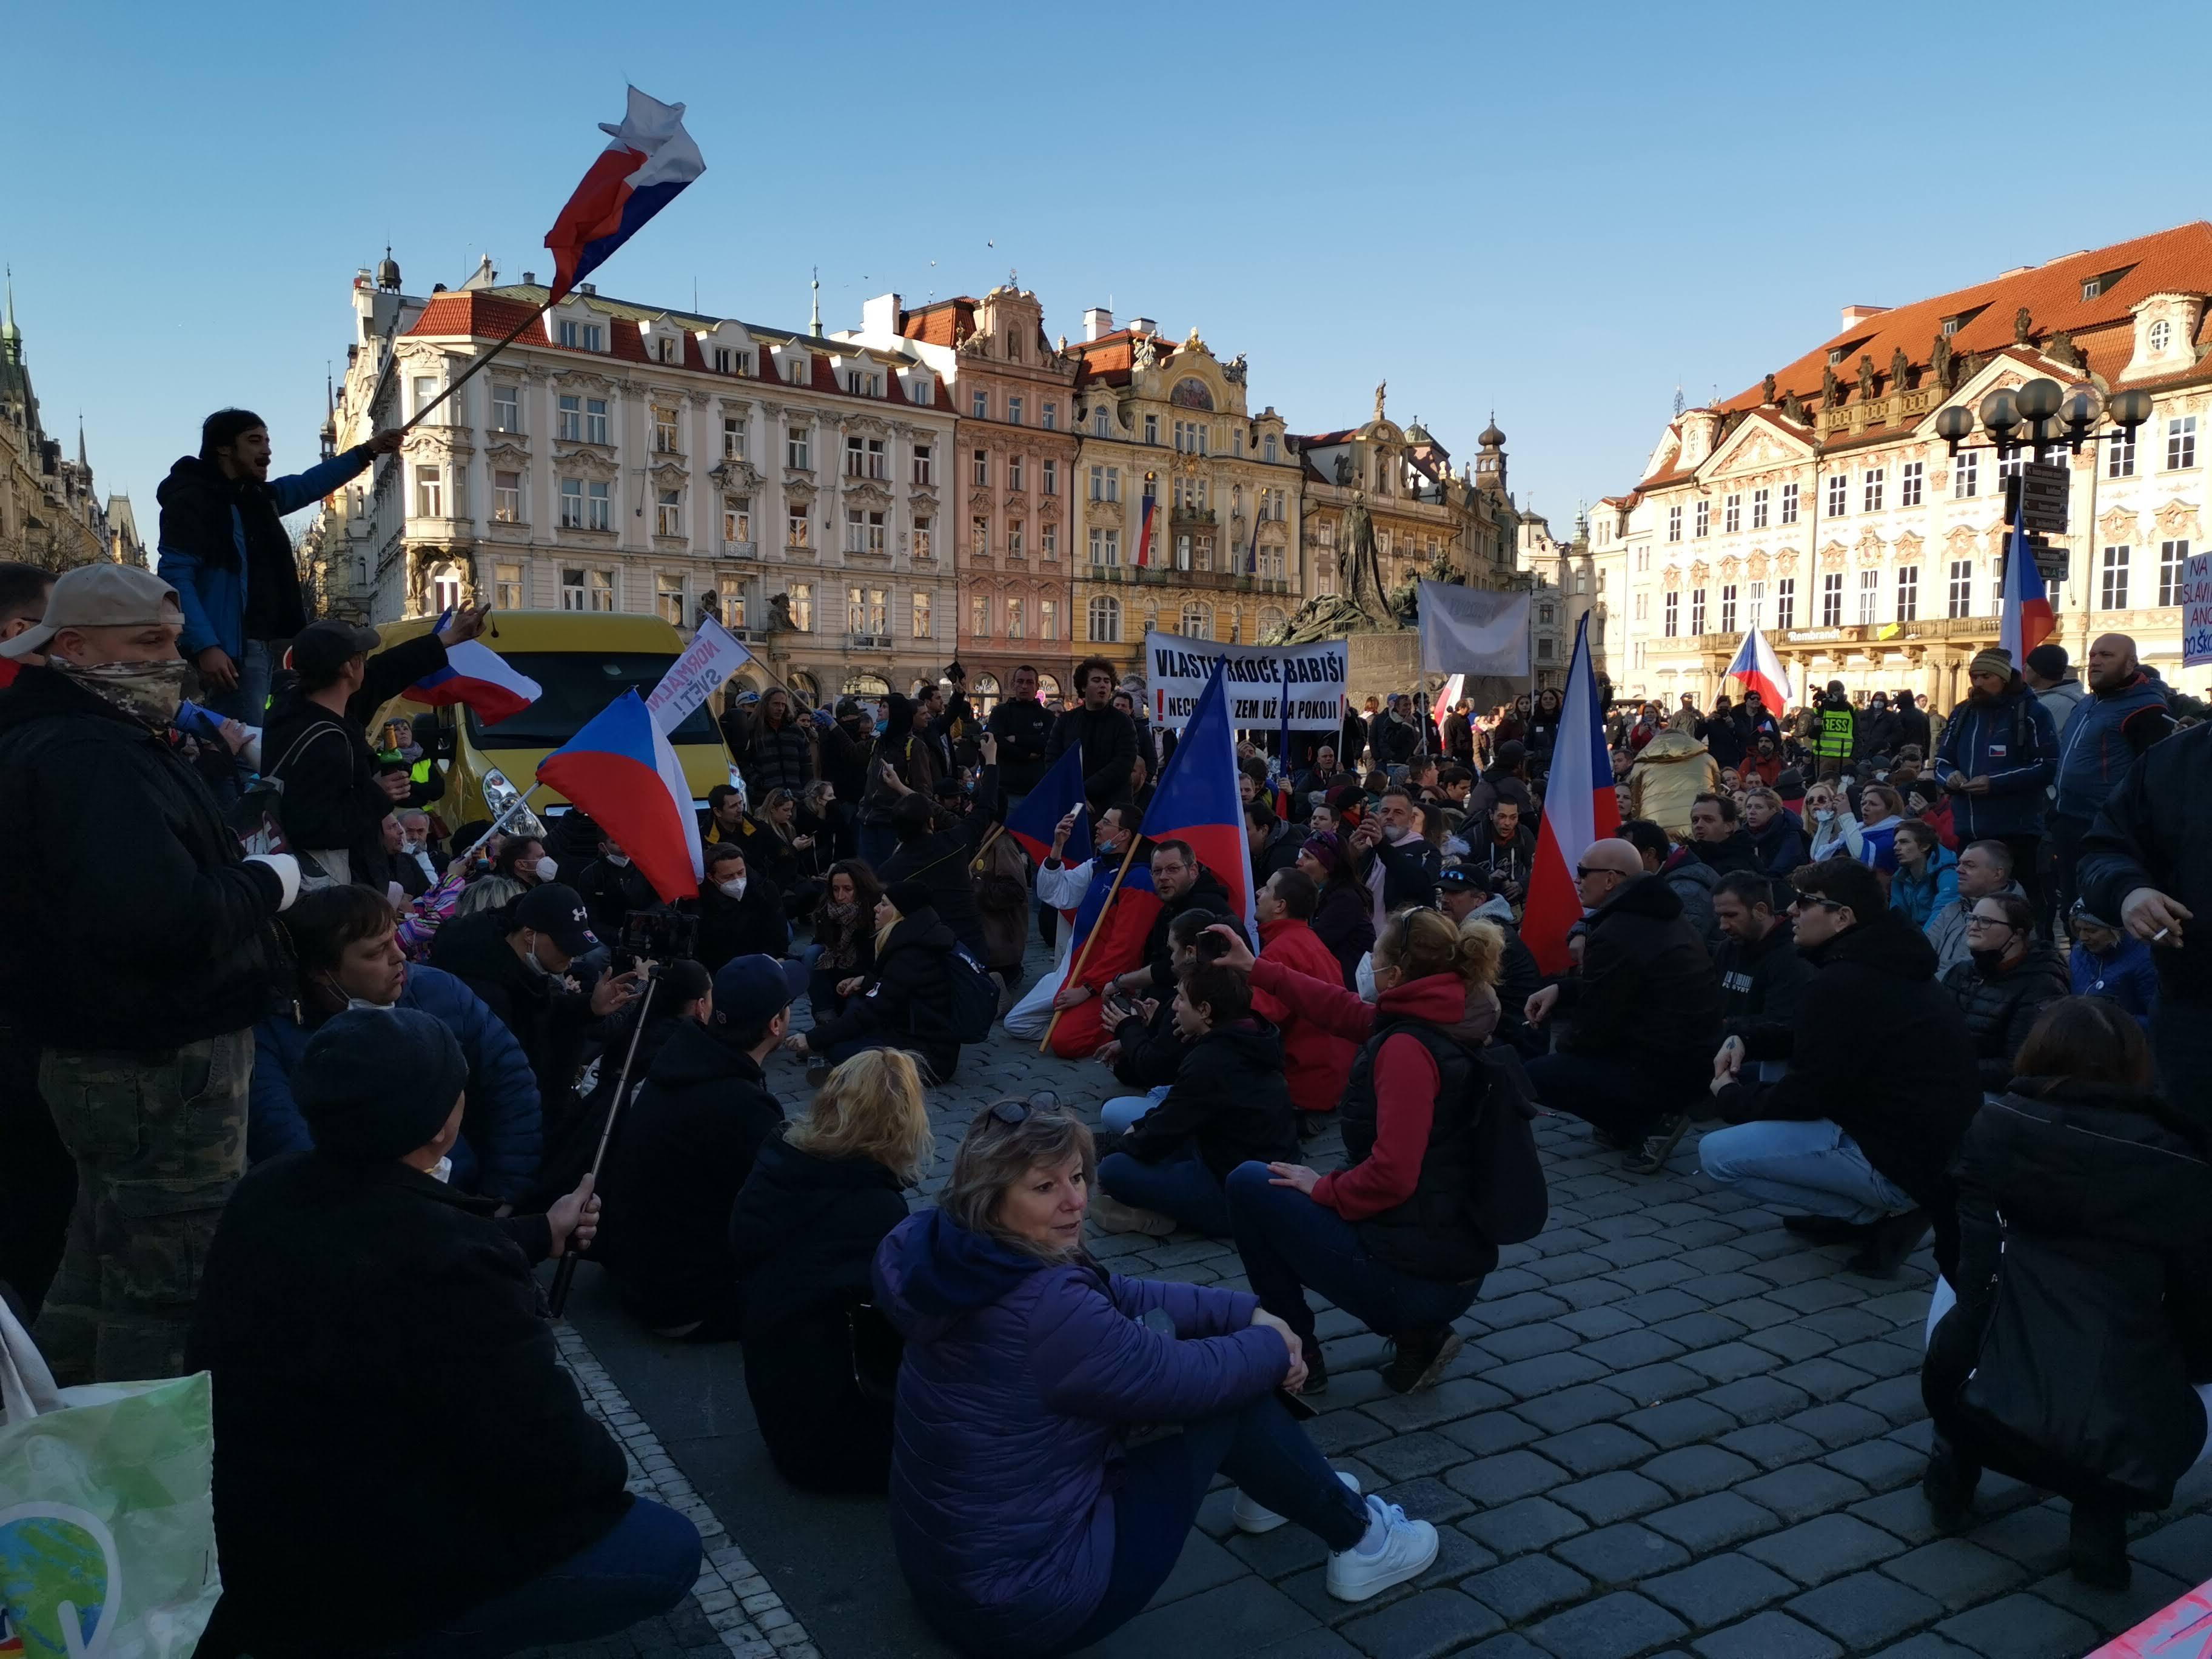 V neděli v Praze proběhly dvě demonstrace. Obě po pár minutách ukončila policie